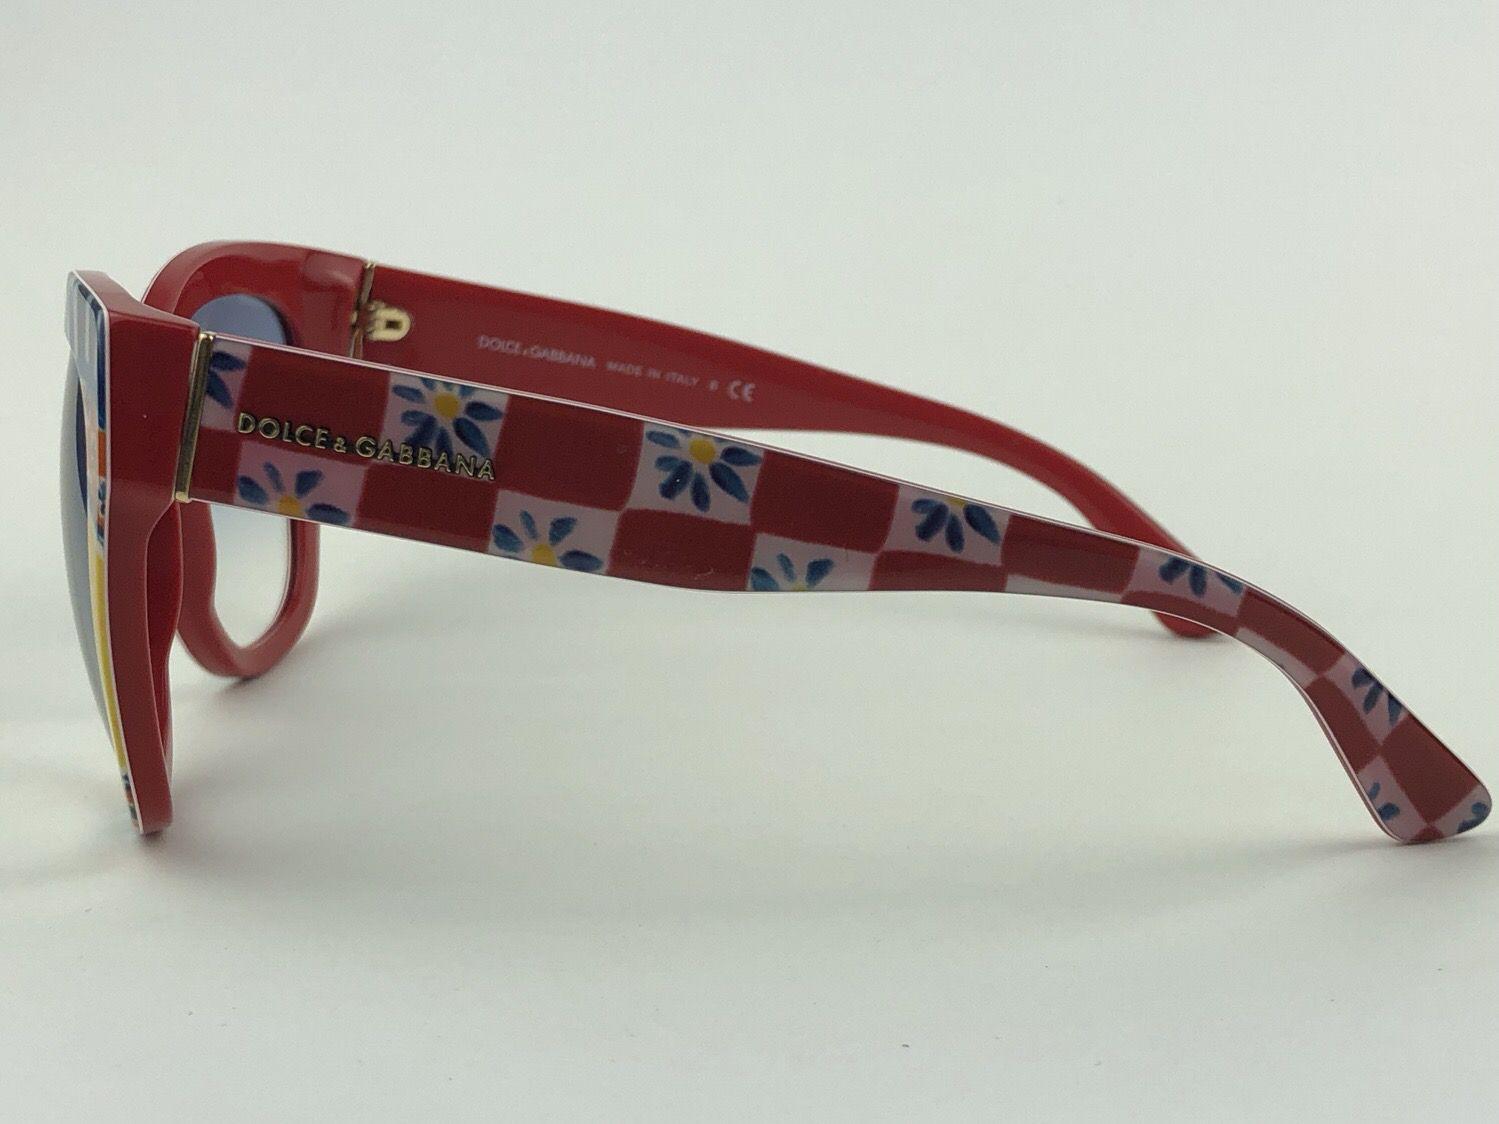 Dolce & Gabbana - DG4270 - Estampado - 312819 - 55/19 - Óculos de sol